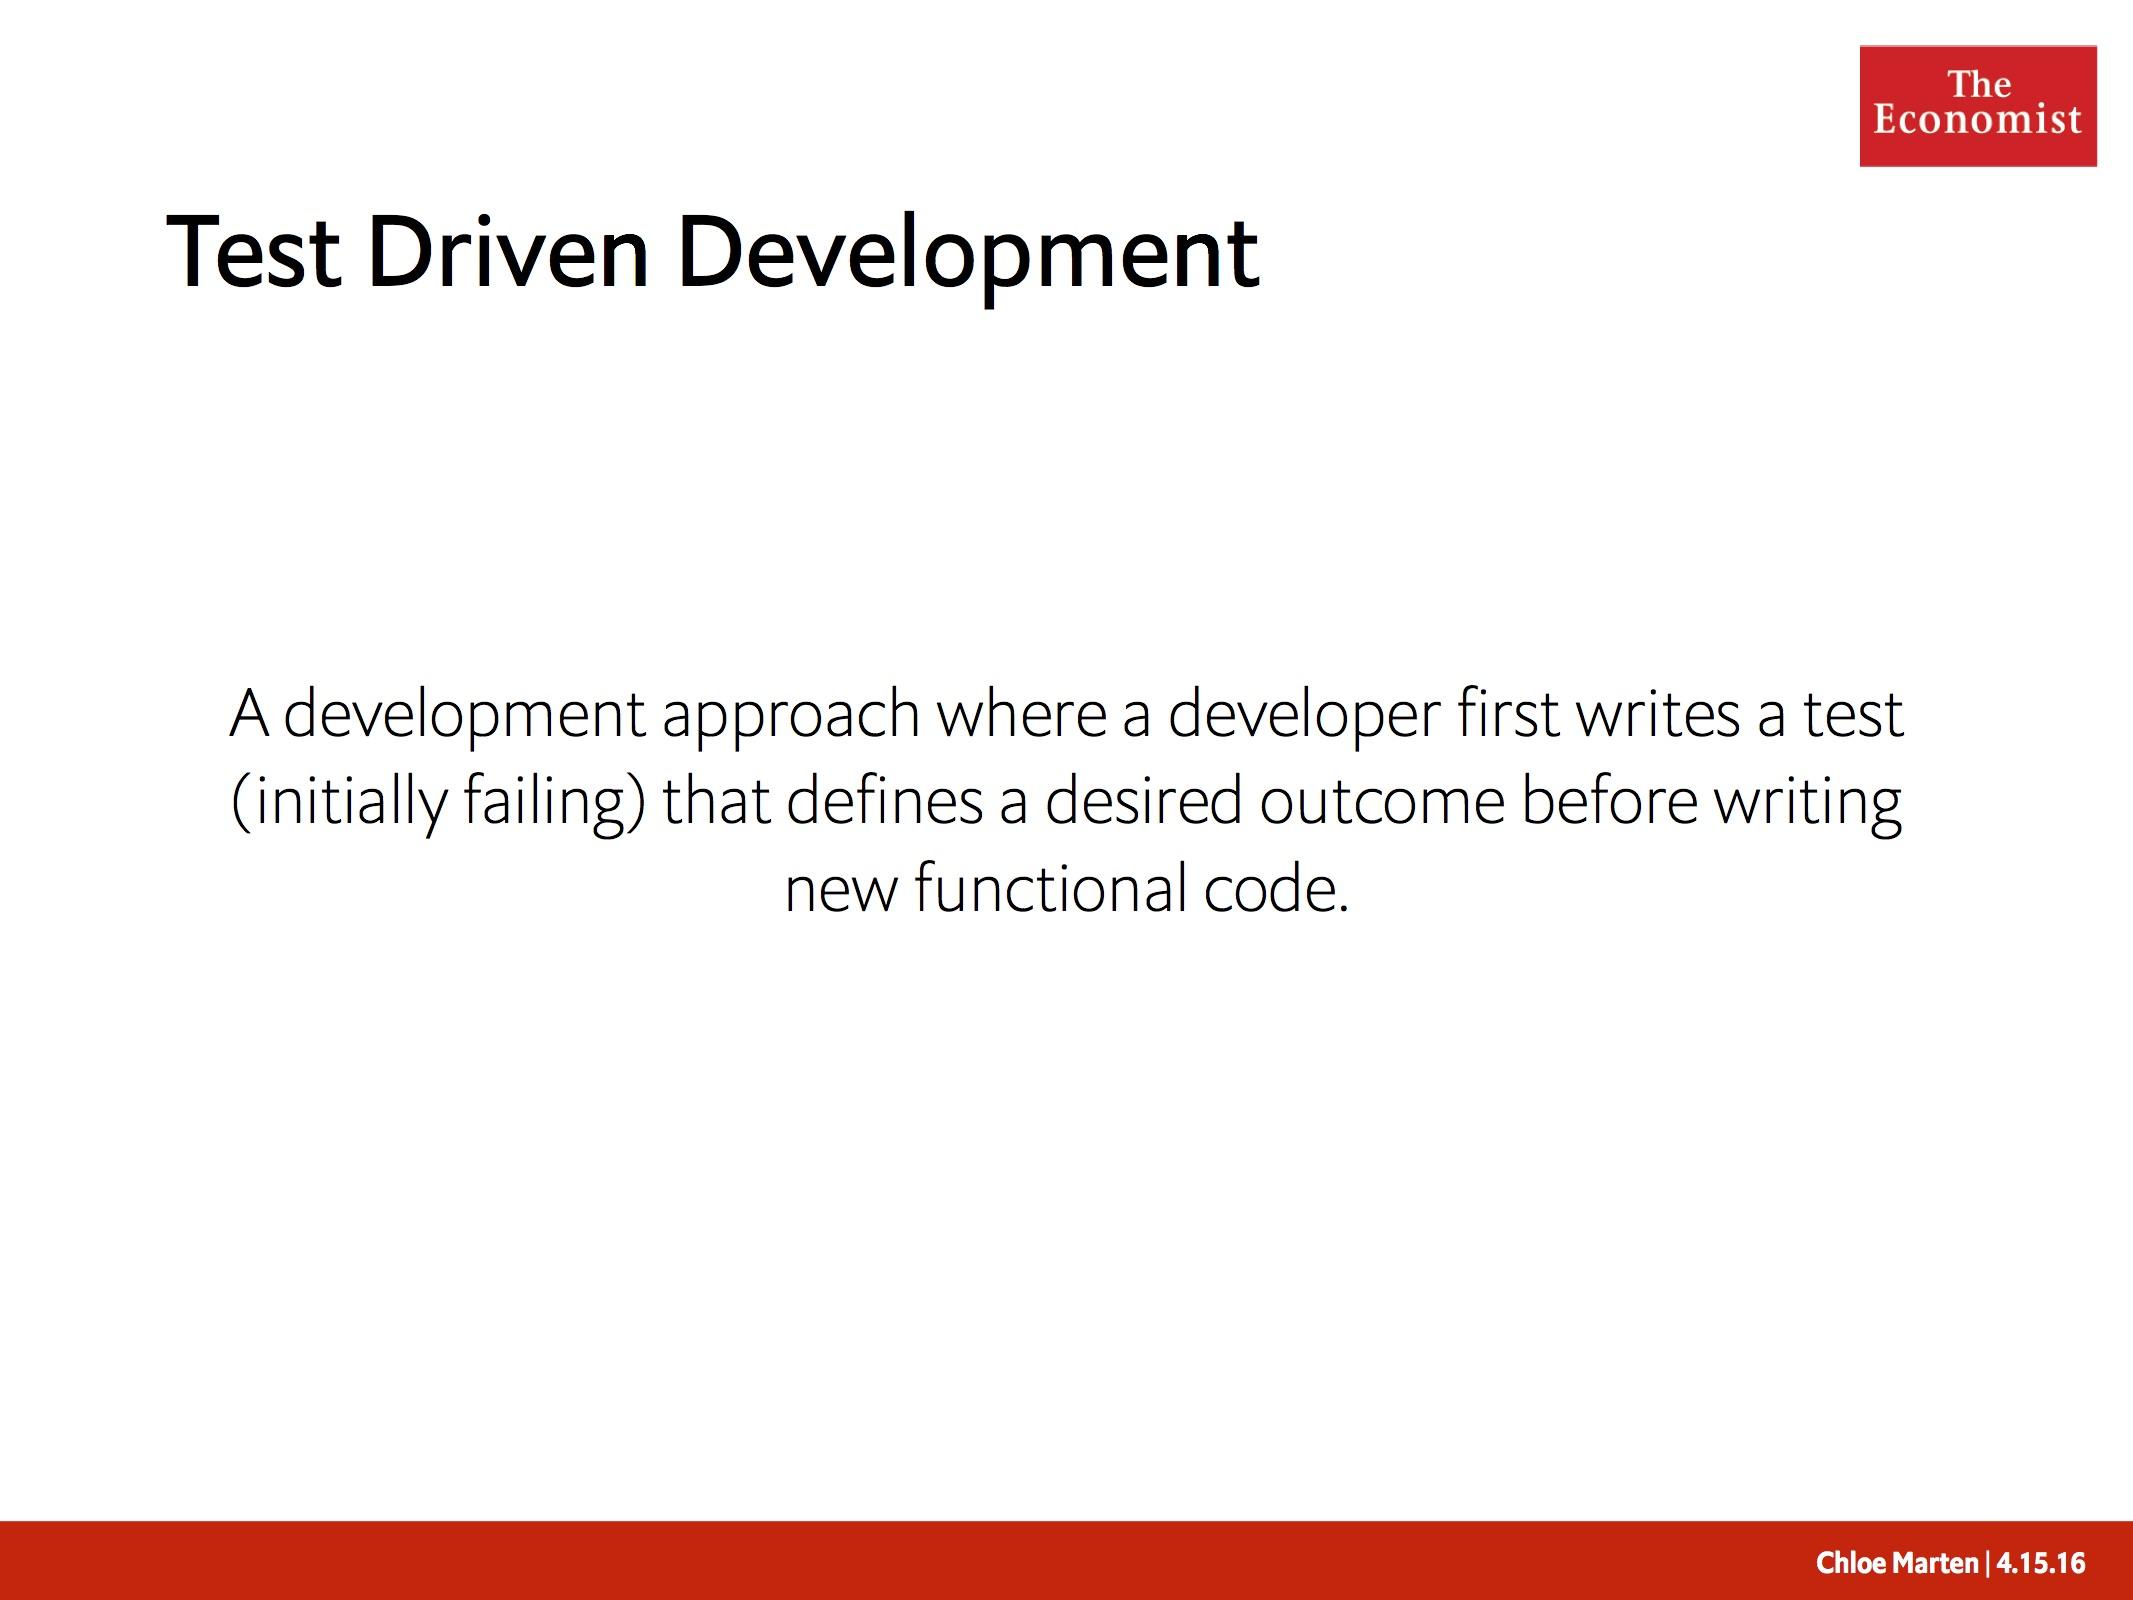 UTDD_Presentation2.jpg